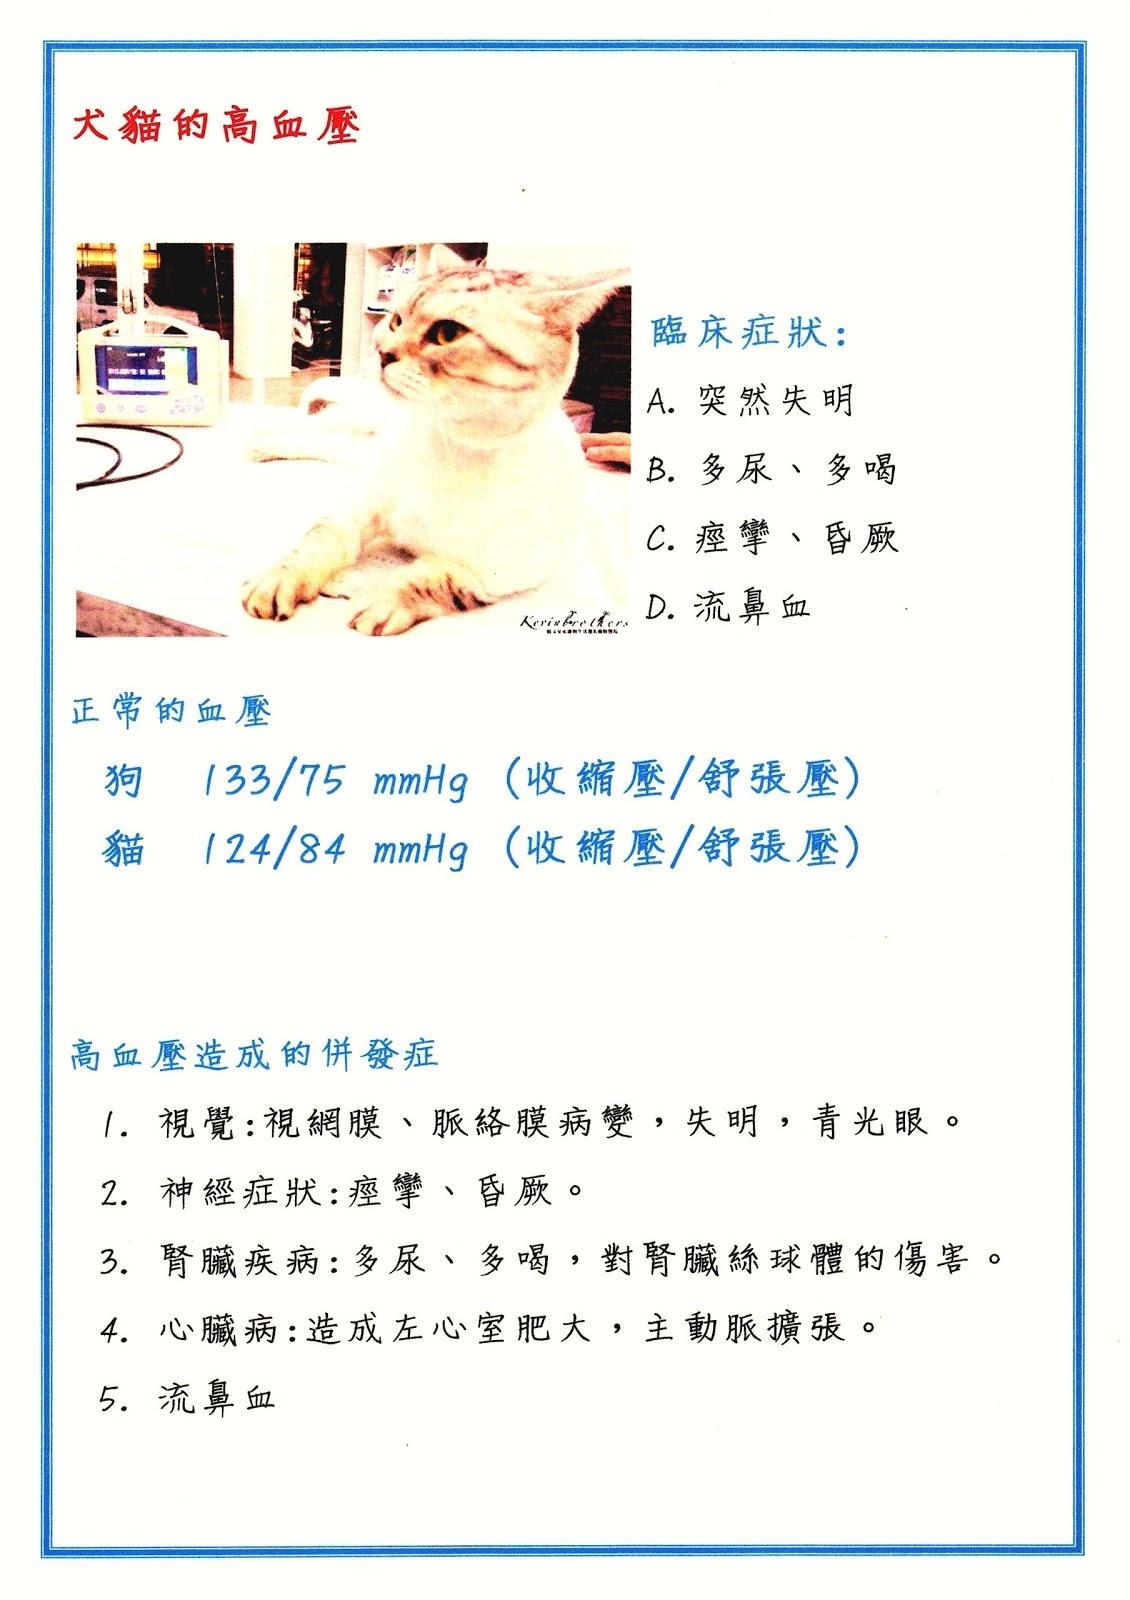 臺中市寵物醫院-巷弄動物醫院(原凱文兄弟動物醫院): 犬(狗)貓(寵物)的高血壓